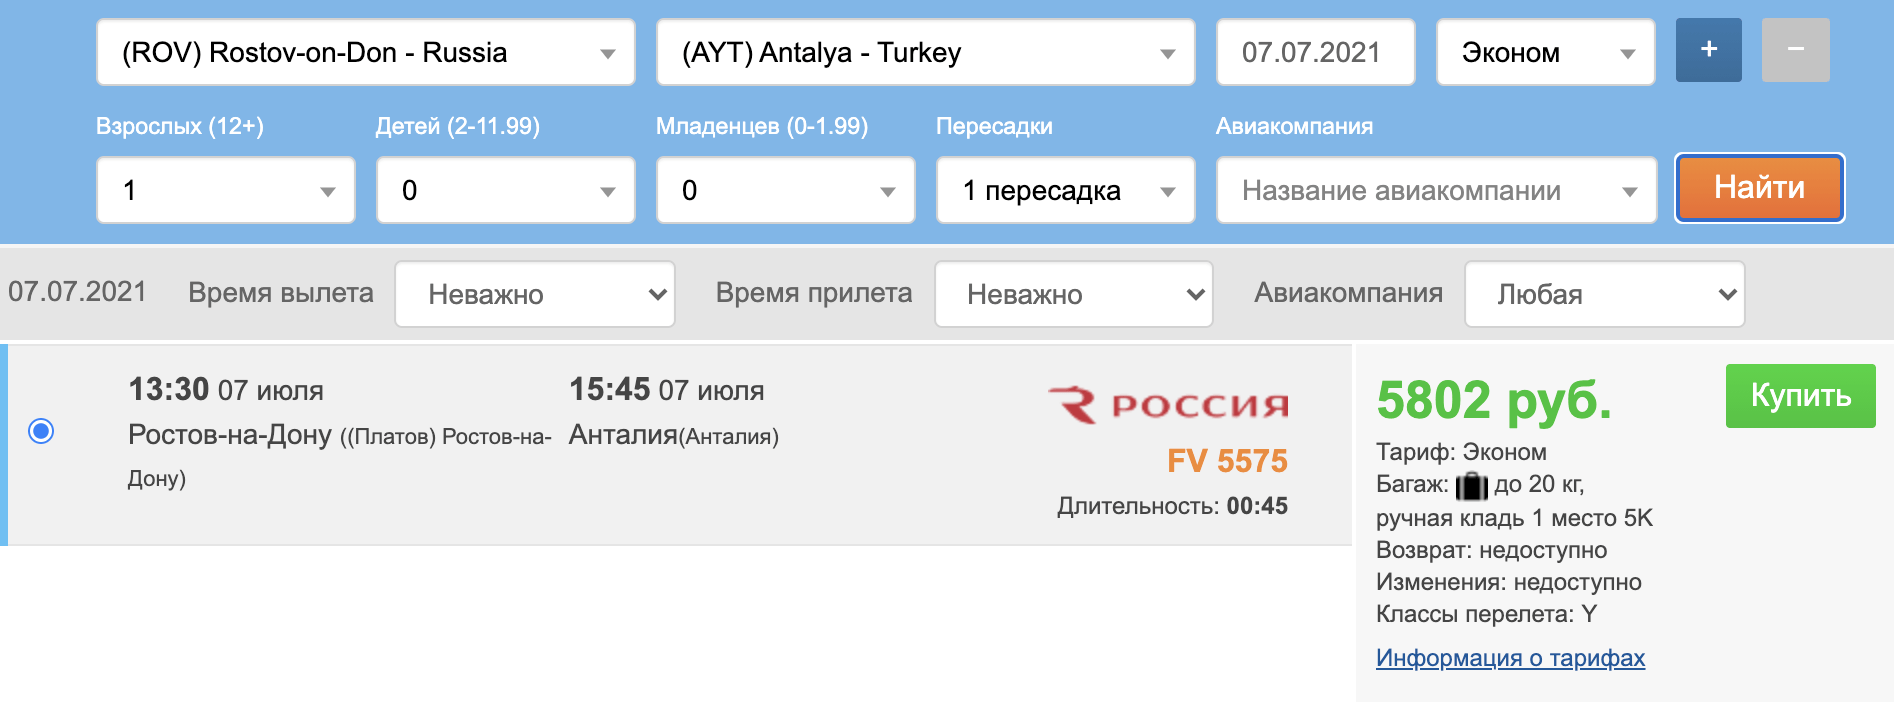 Подборка горящих чартеров из СПб и регионов в Даламан и Анталию от 7800₽ туда-обратно